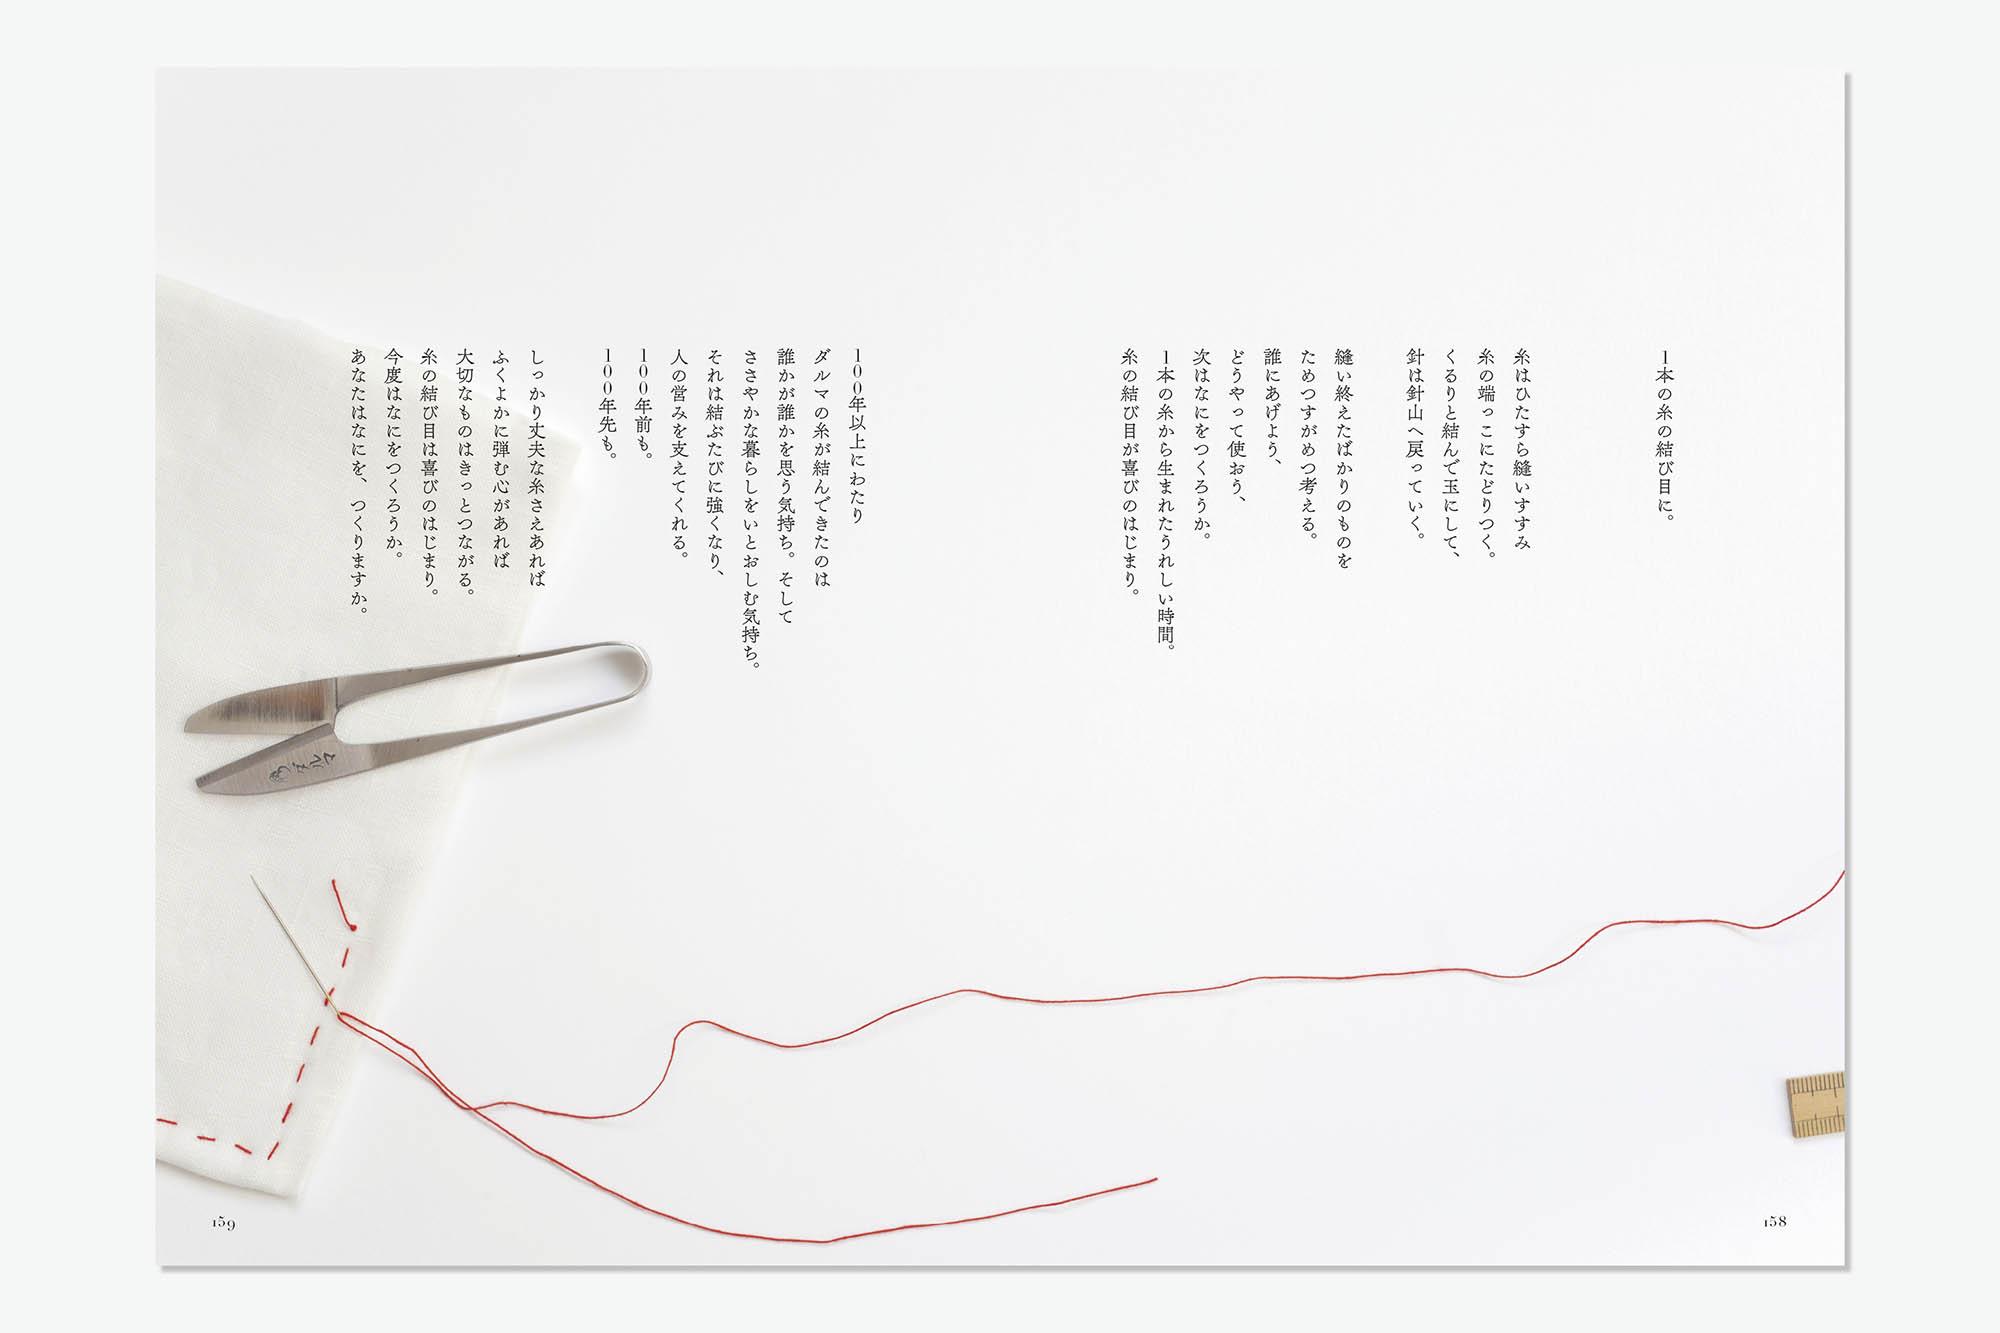 うれしい手縫い 装幀 デザイン エピローグ